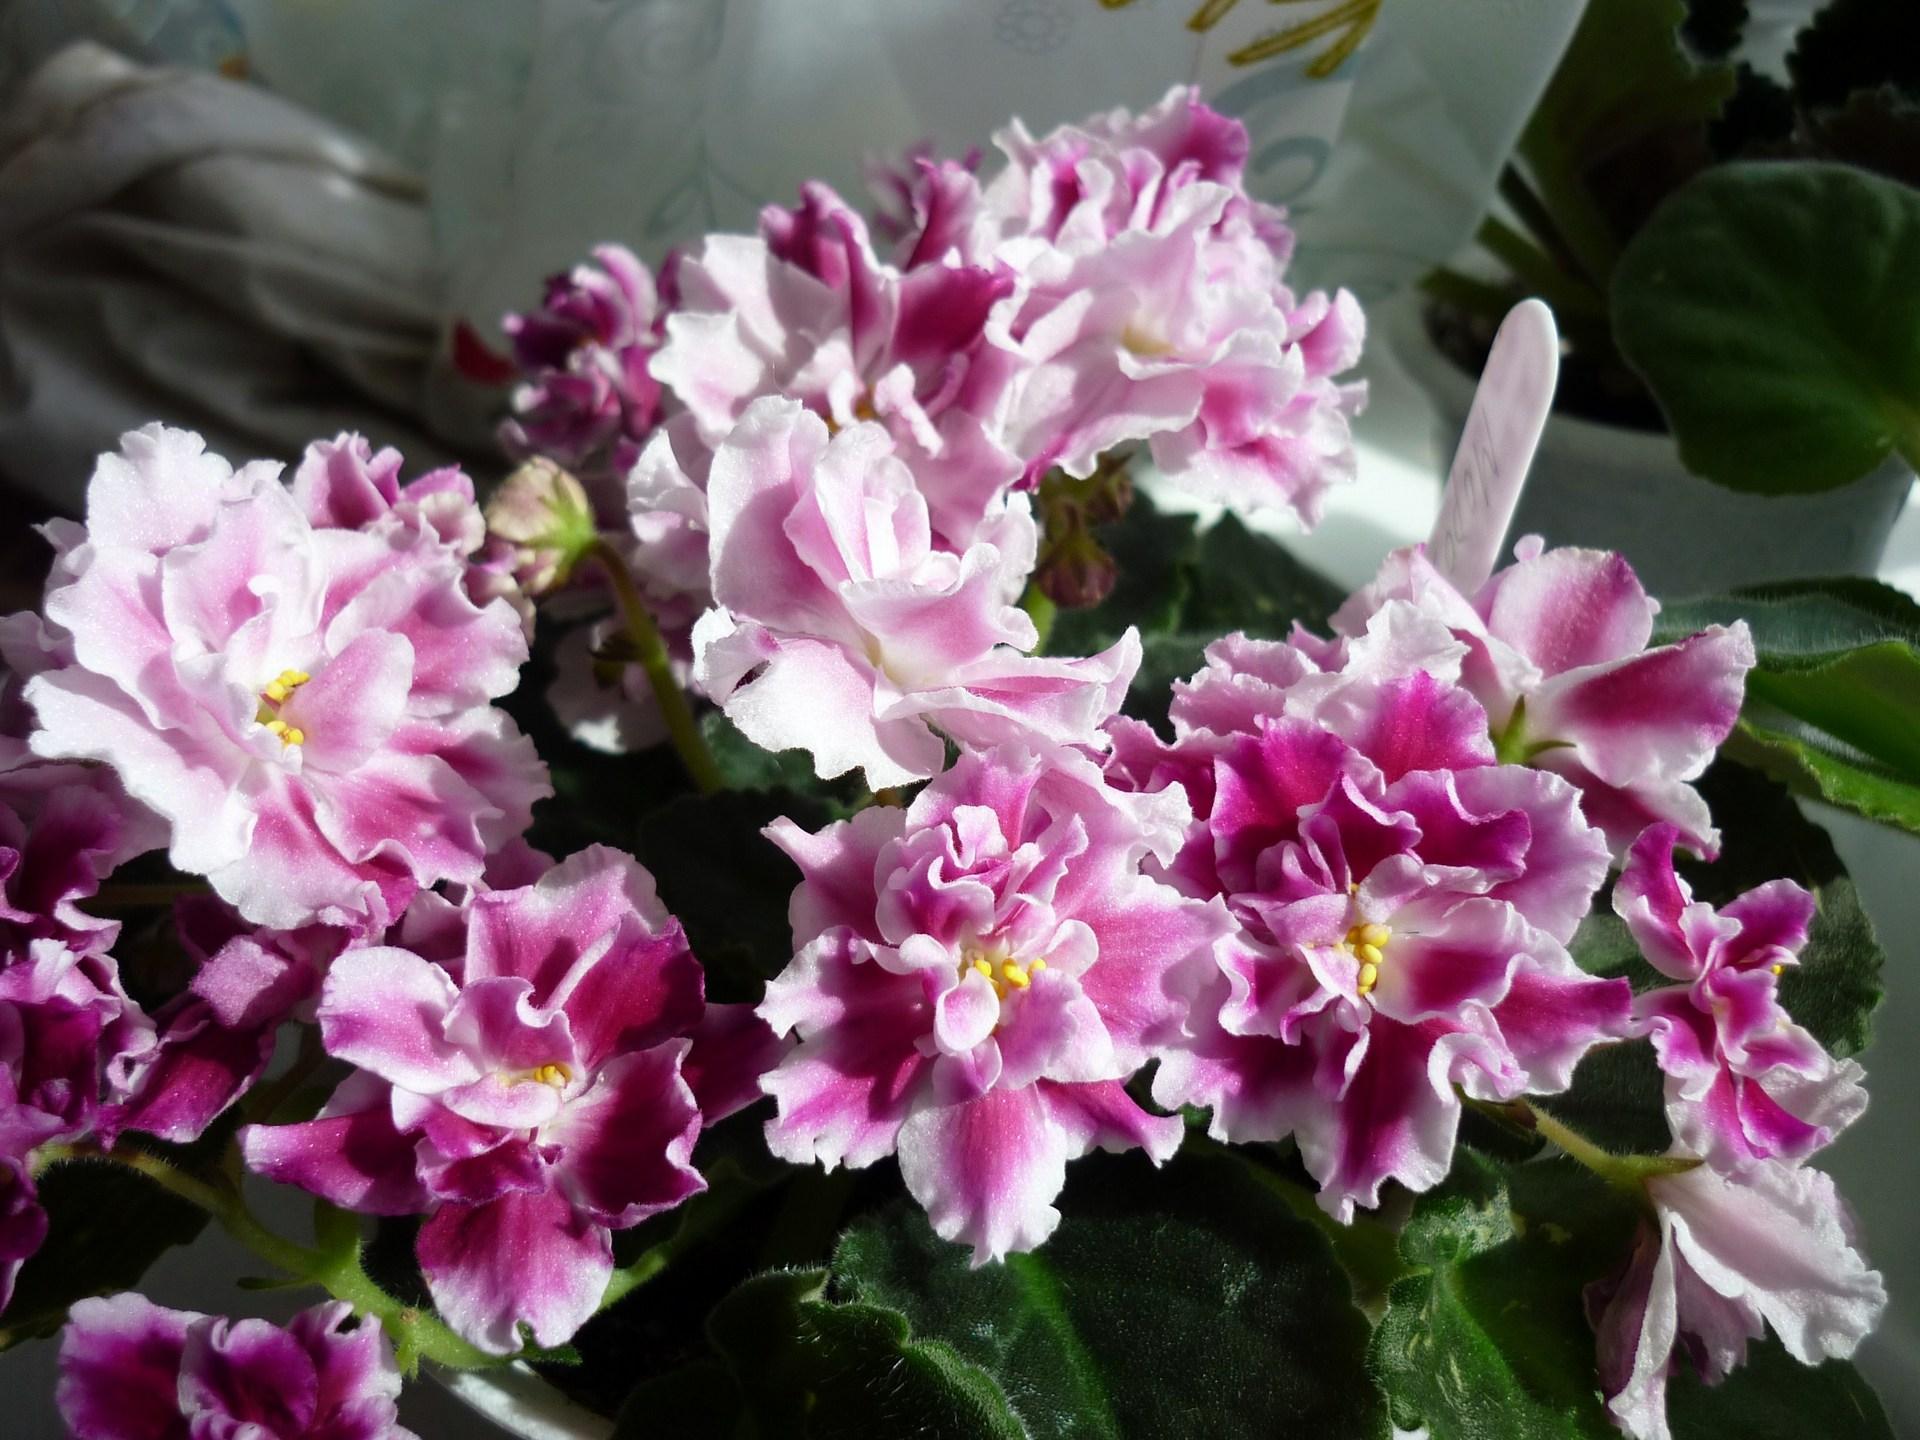 Фиалка розовая акварель фото 3: www.dreampics.ru/picture.php?id=5491